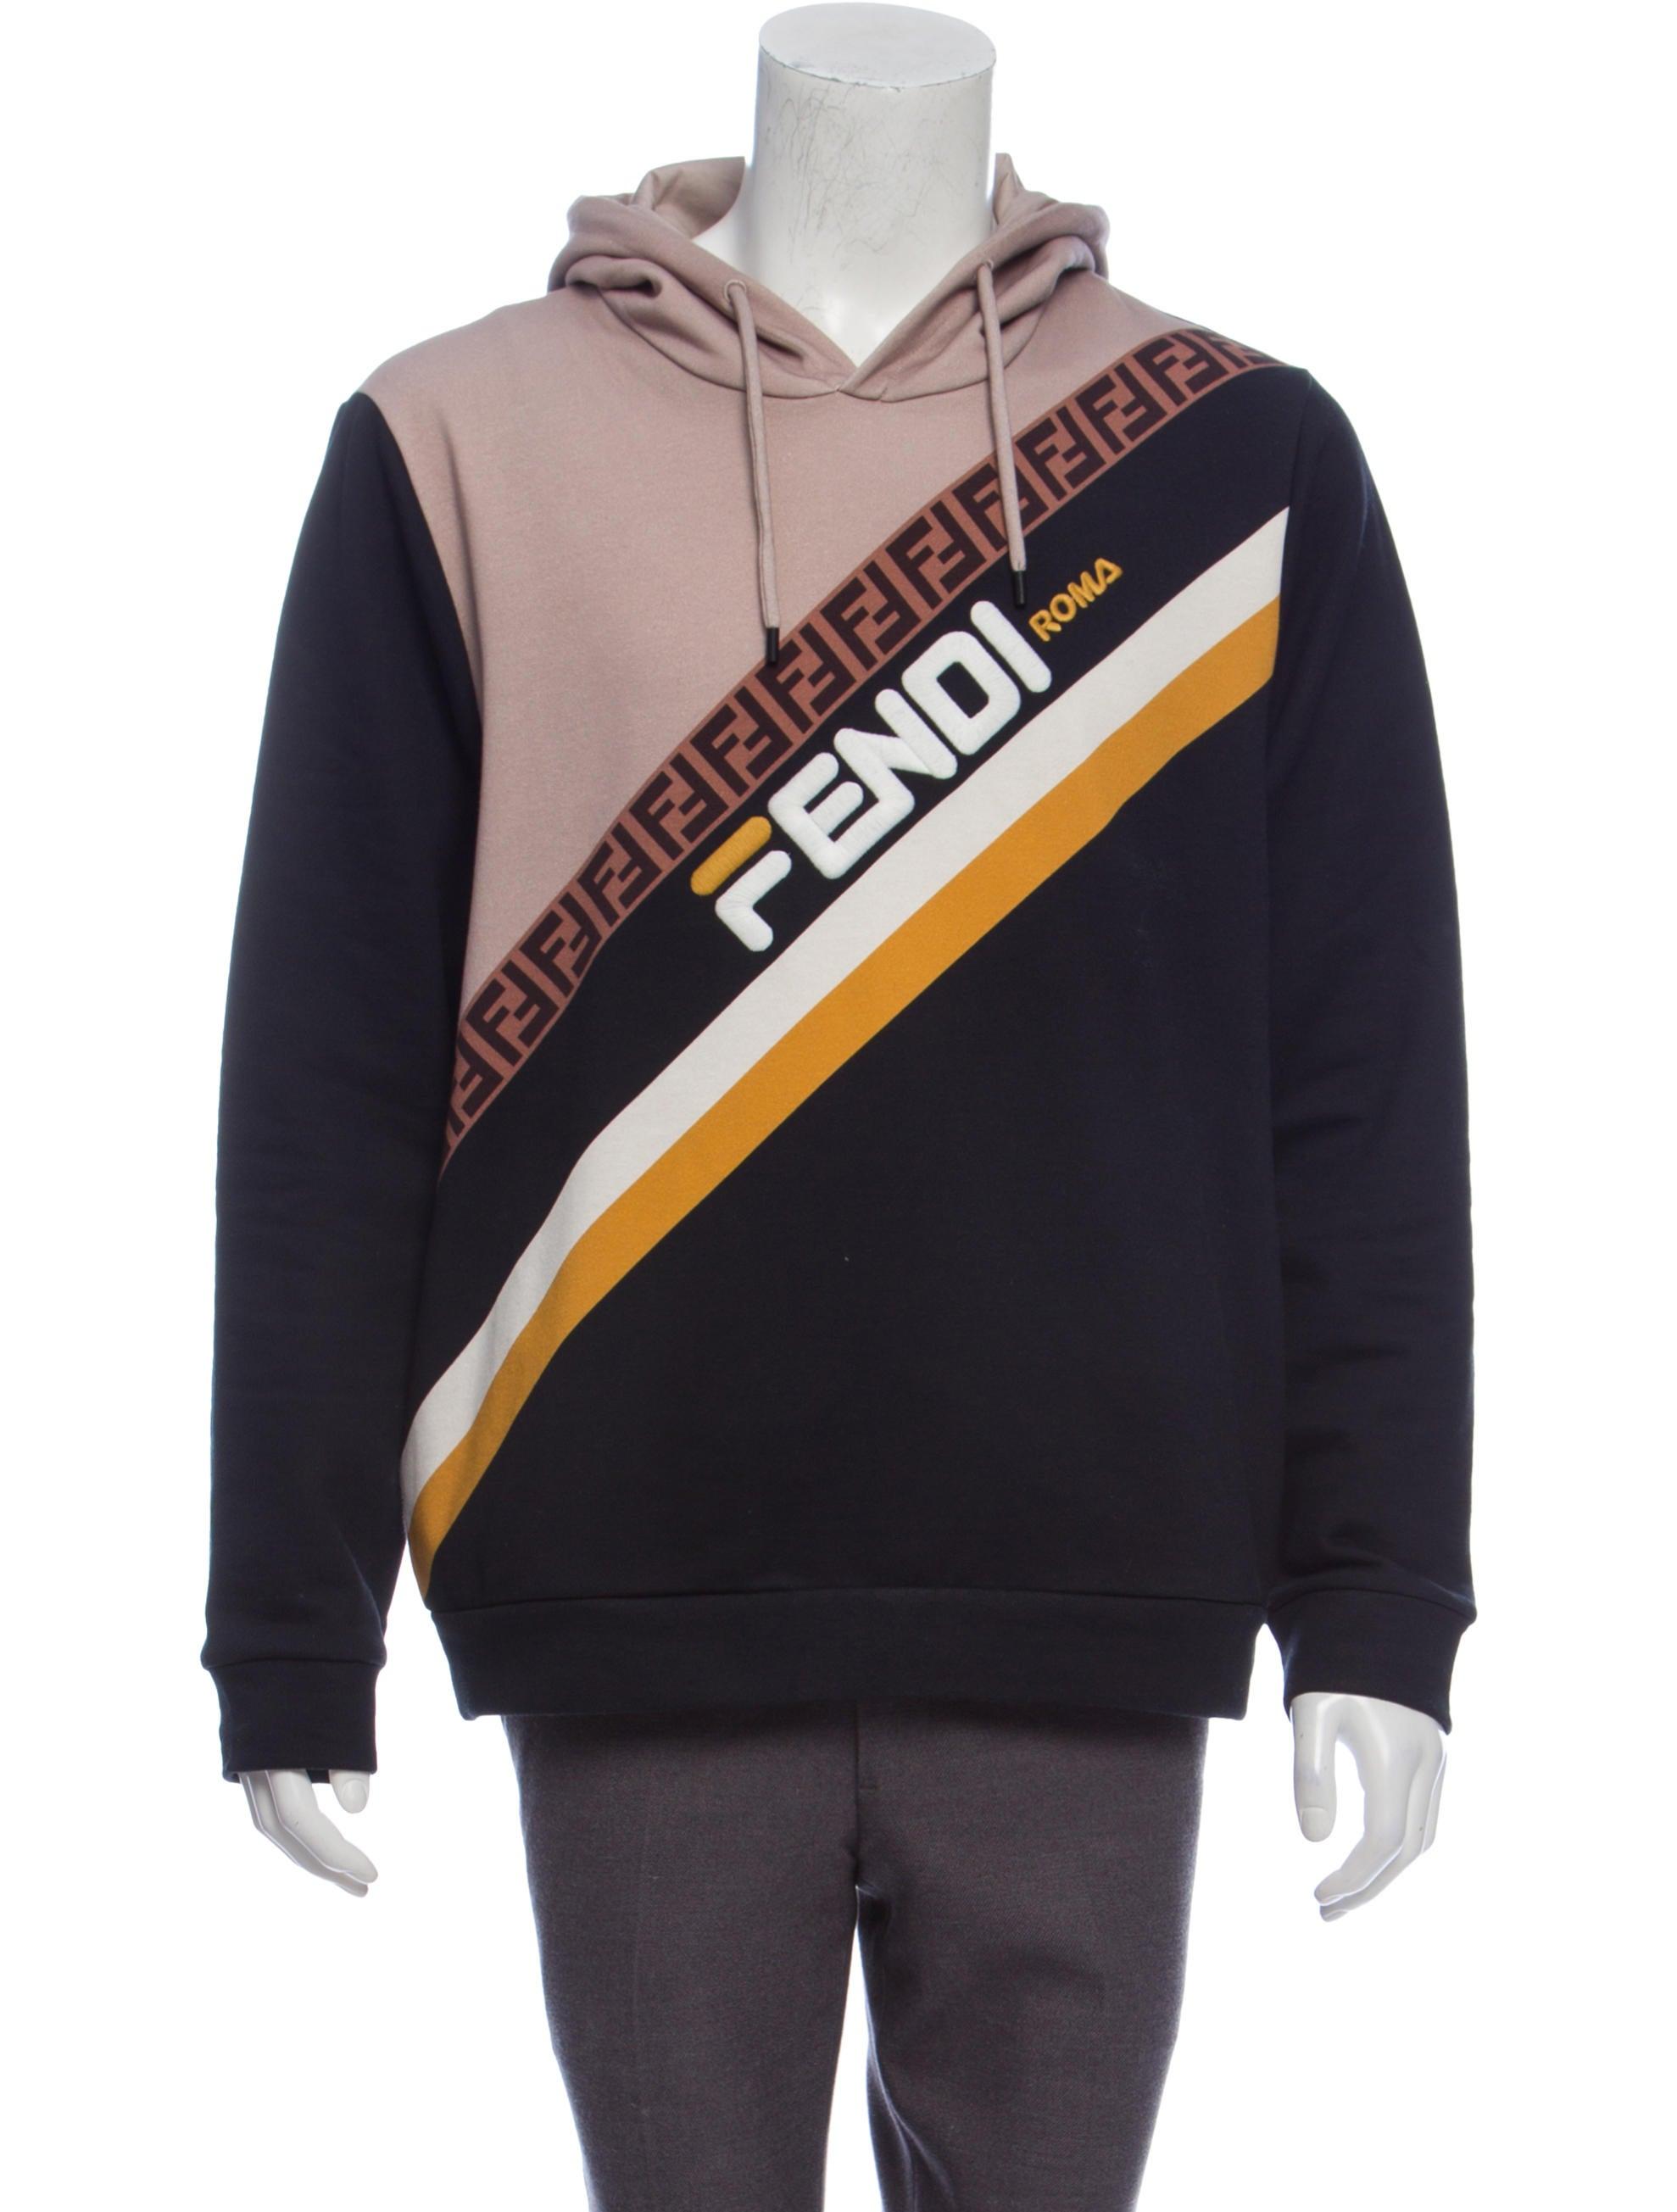 fabc3c7423b0 Fendi Zucca FF Trim Hoodie - Clothing - FEN93583